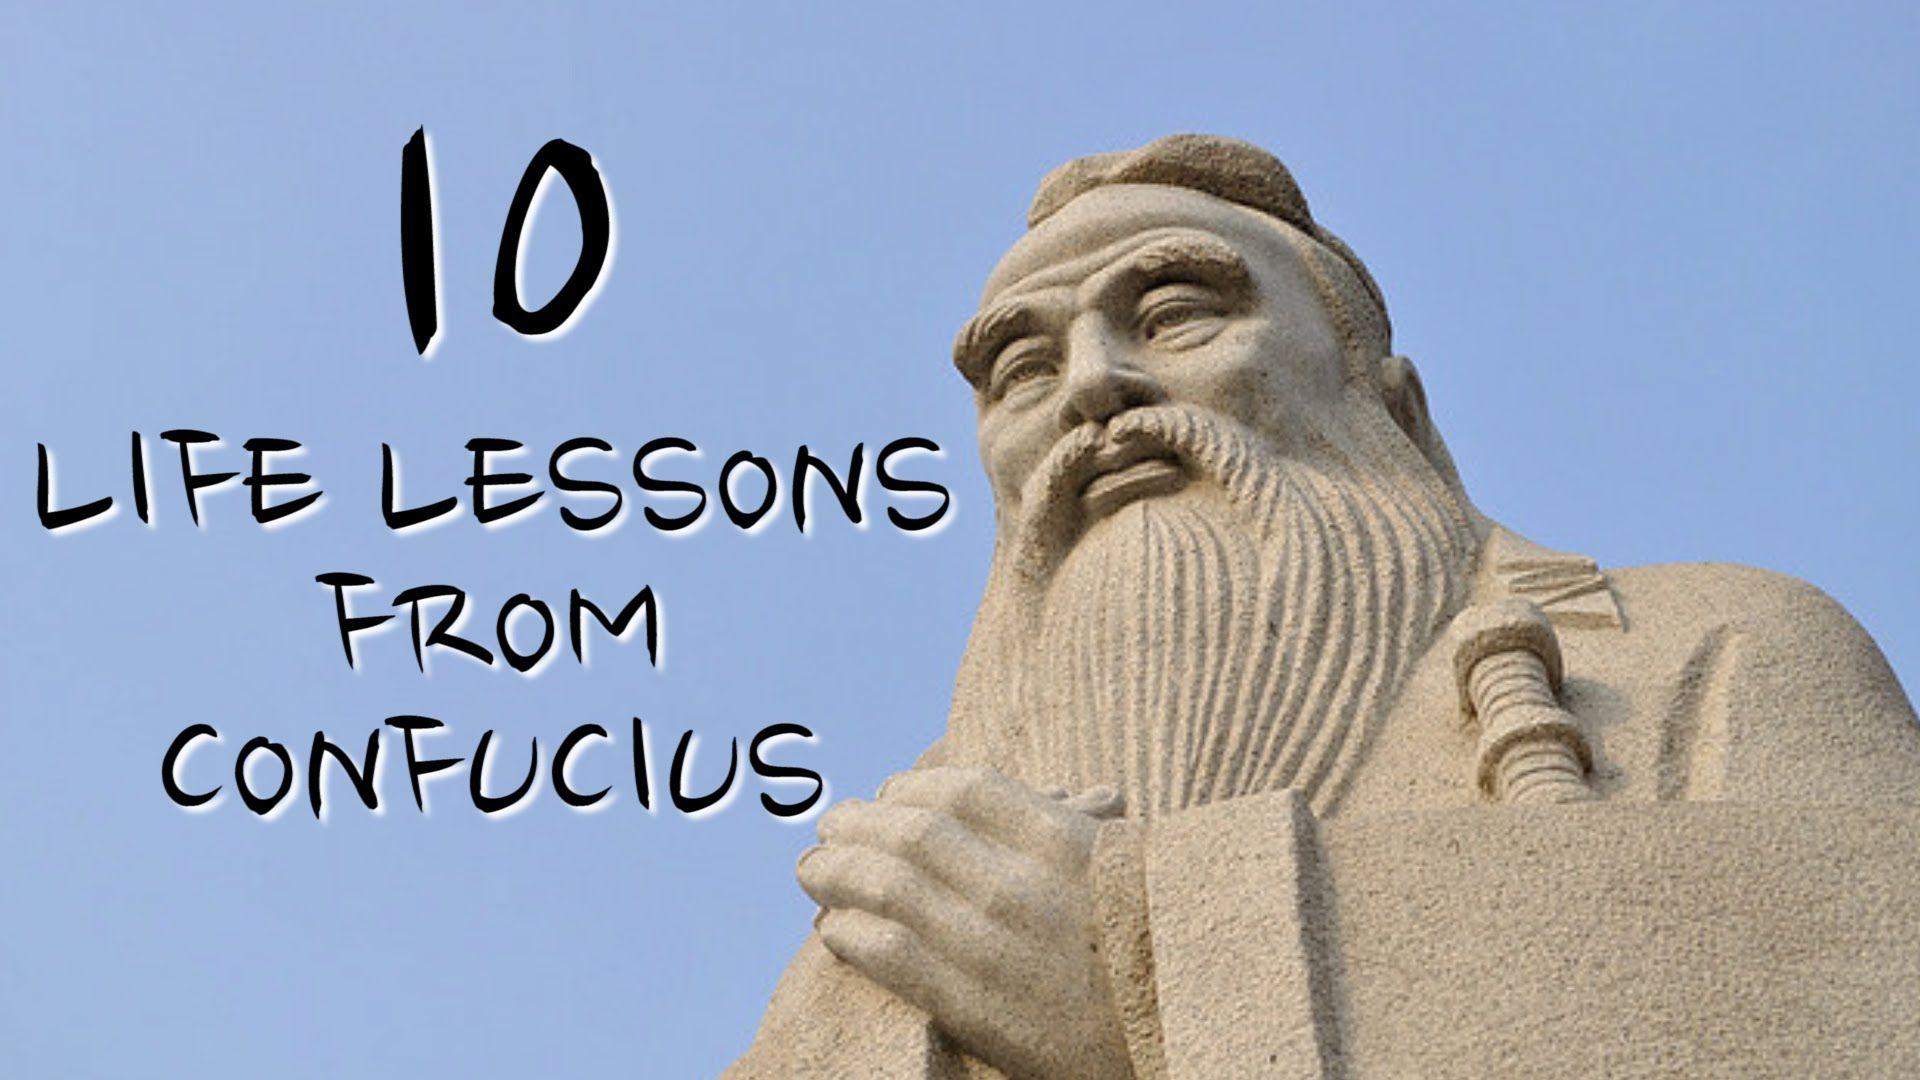 Confucius Biography